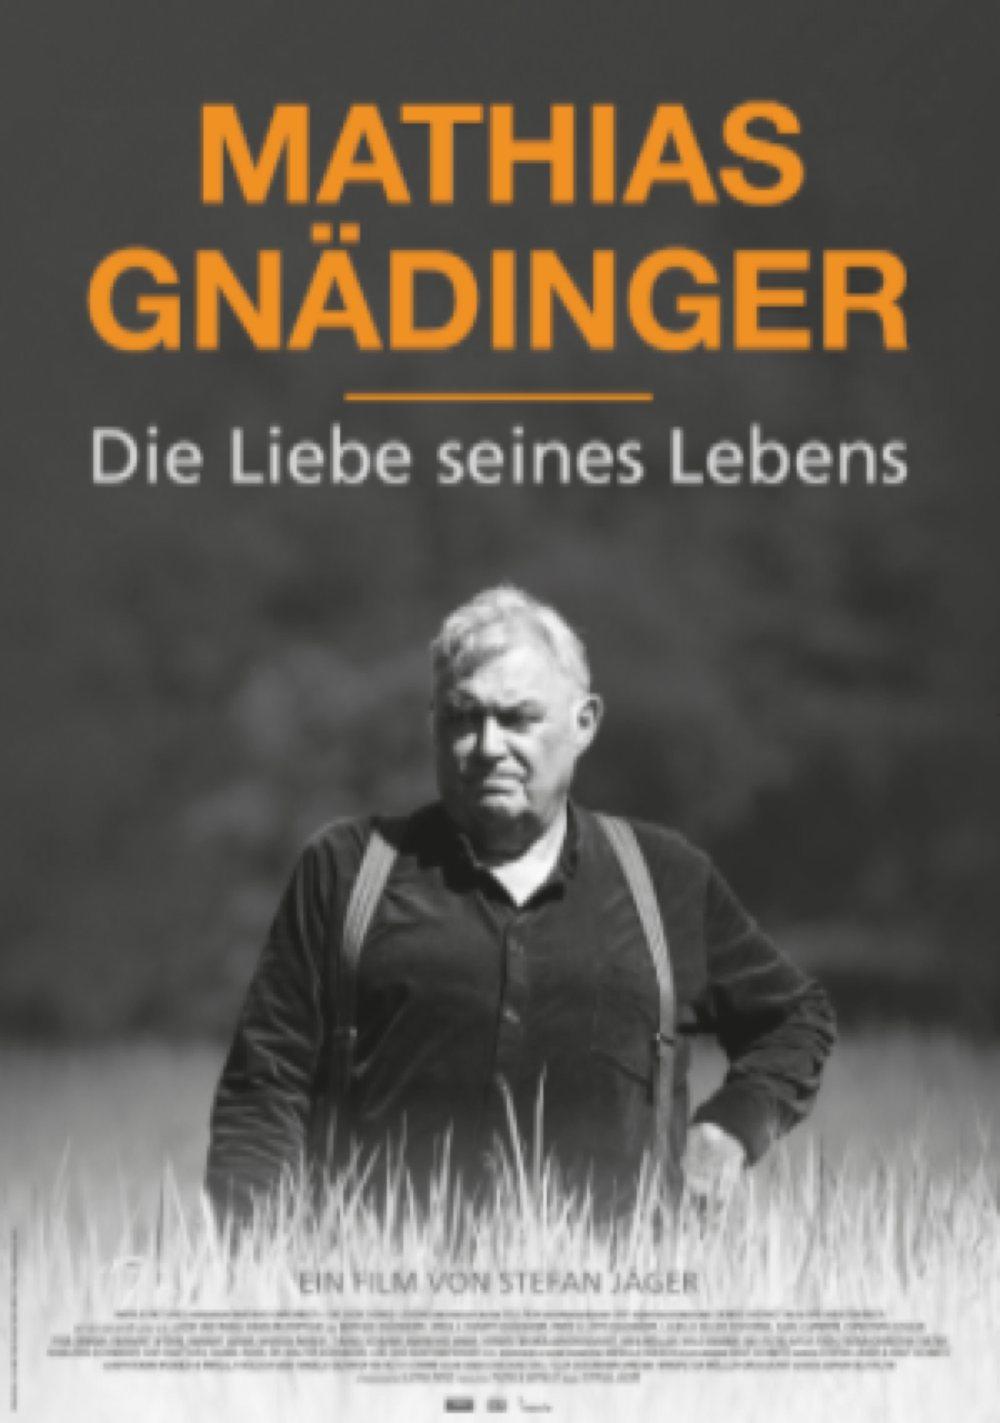 Mathias Gnädinger – Die Liebe seines Lebens